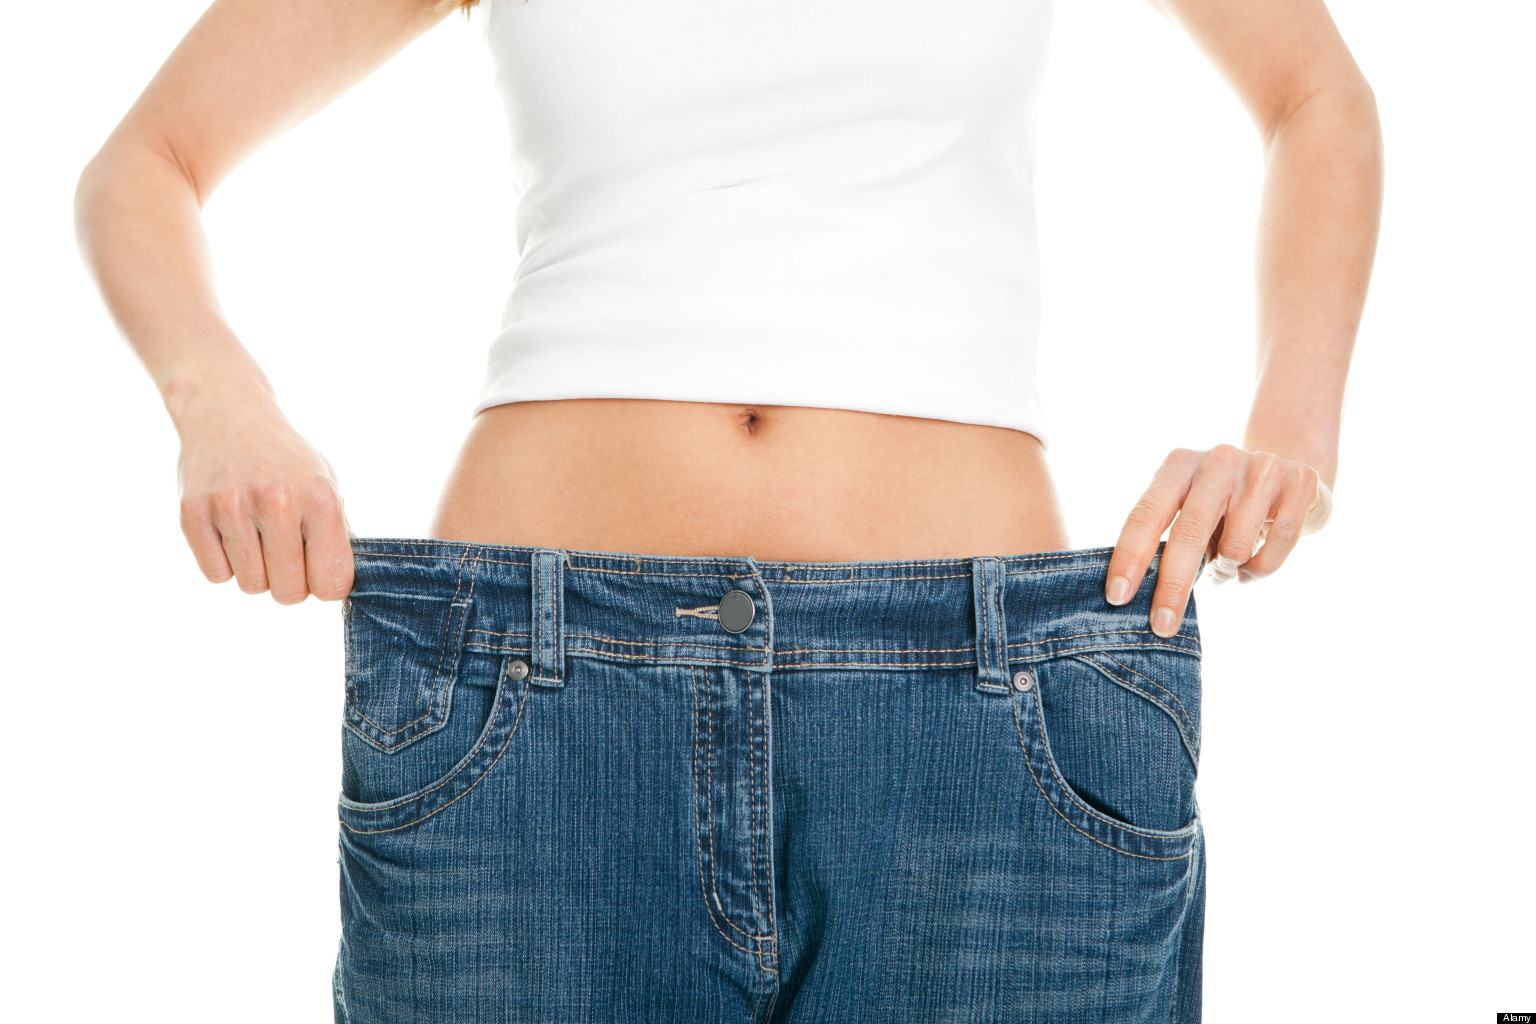 Stimulente pentru pierderea în greutate pentru cupluri Pierde în greutate puterea minții